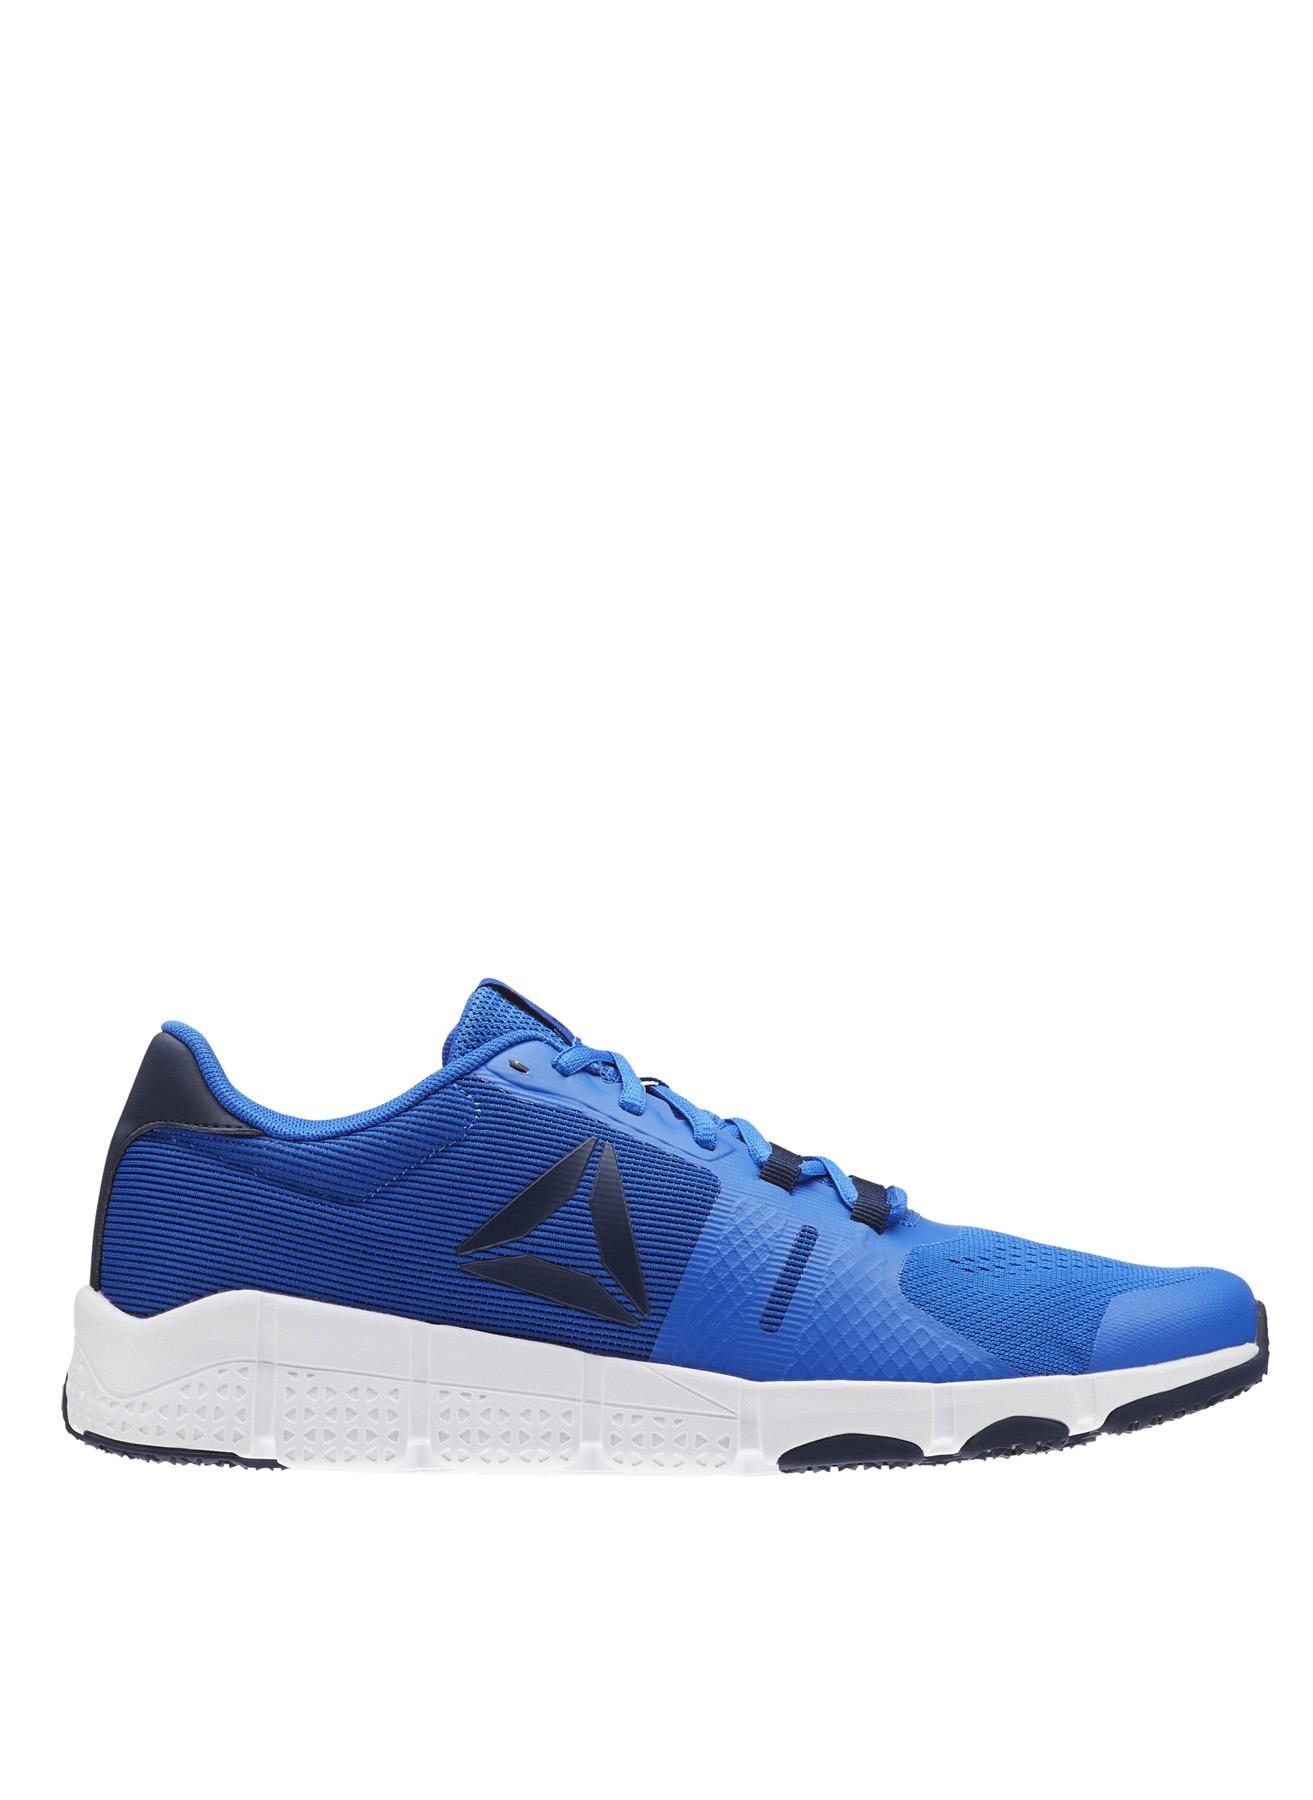 Reebok Trainflex 2.0 Training Ayakkabısı 41 5001633322003 Ürün Resmi